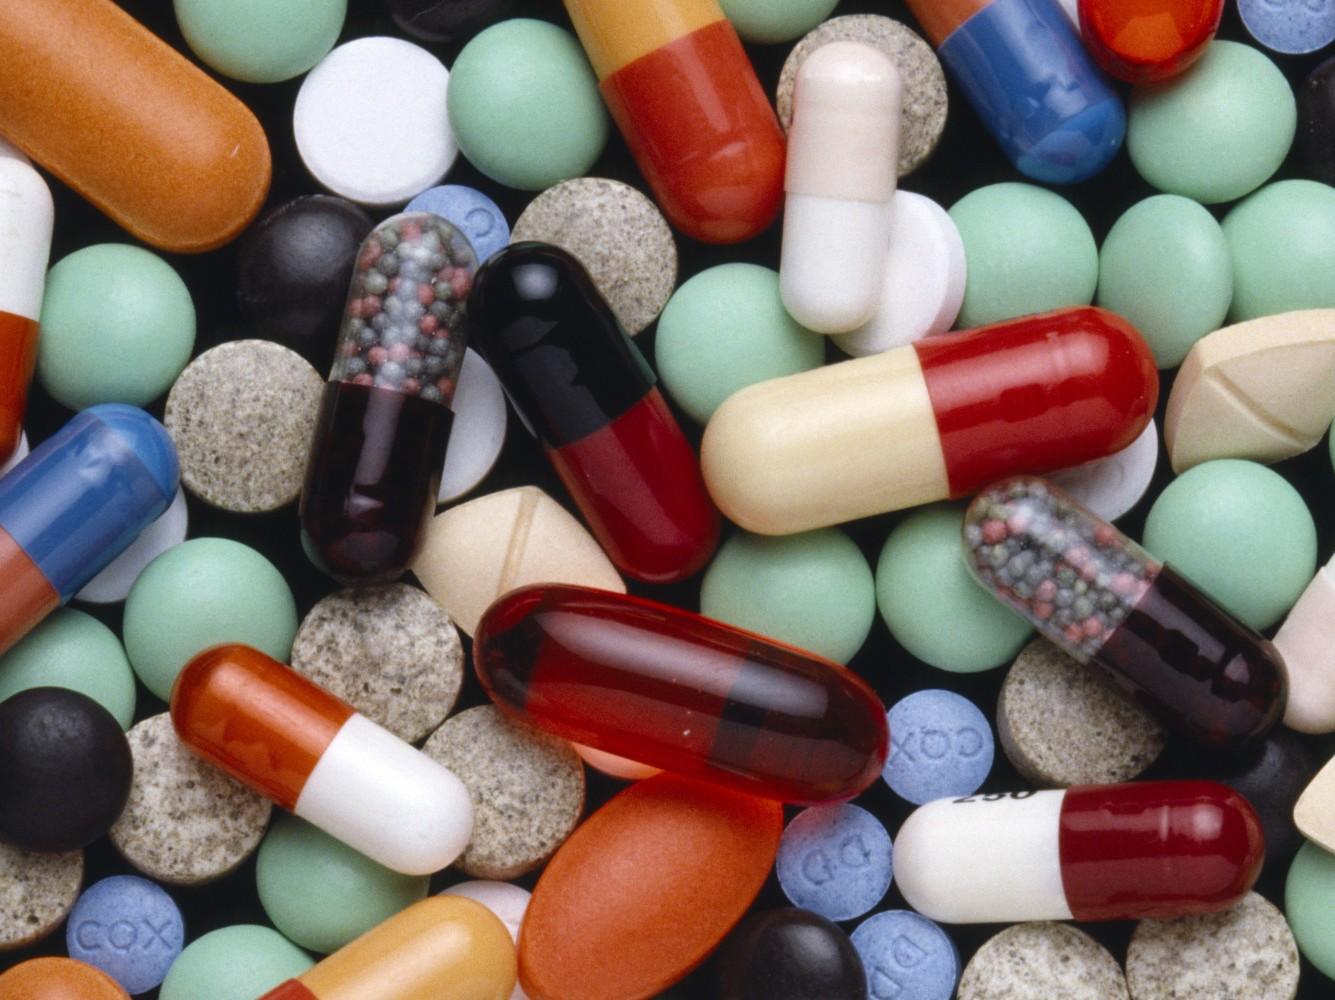 Куряне, страдающие онкологическими заболеваниями, получили необходимые лекарства только с помощью прокуратуры